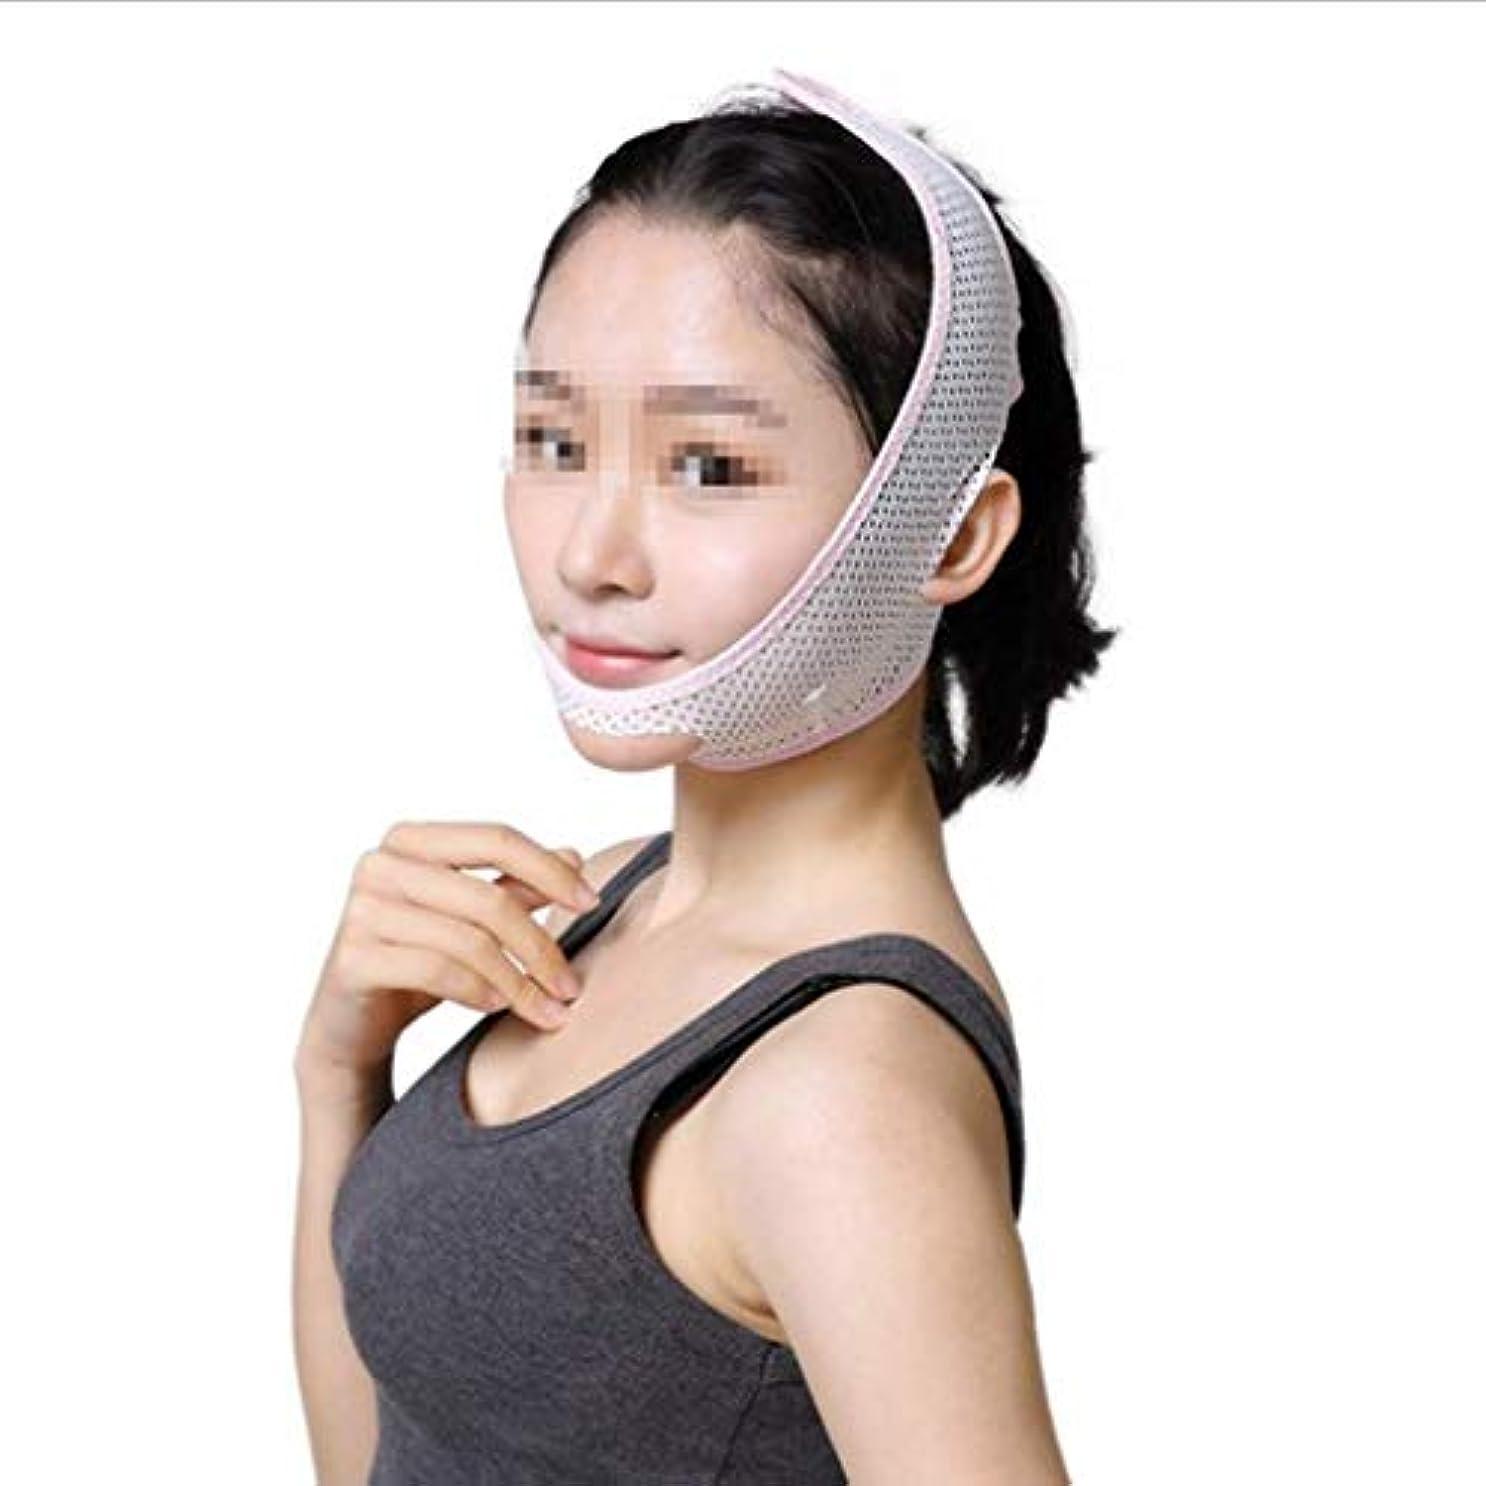 充電パンフレット組み立てる超薄型通気性フェイスマスク、包帯Vフェイスマスクフェイスリフティングファーミングダブルチンシンフェイスベルト(サイズ:M),ザ?